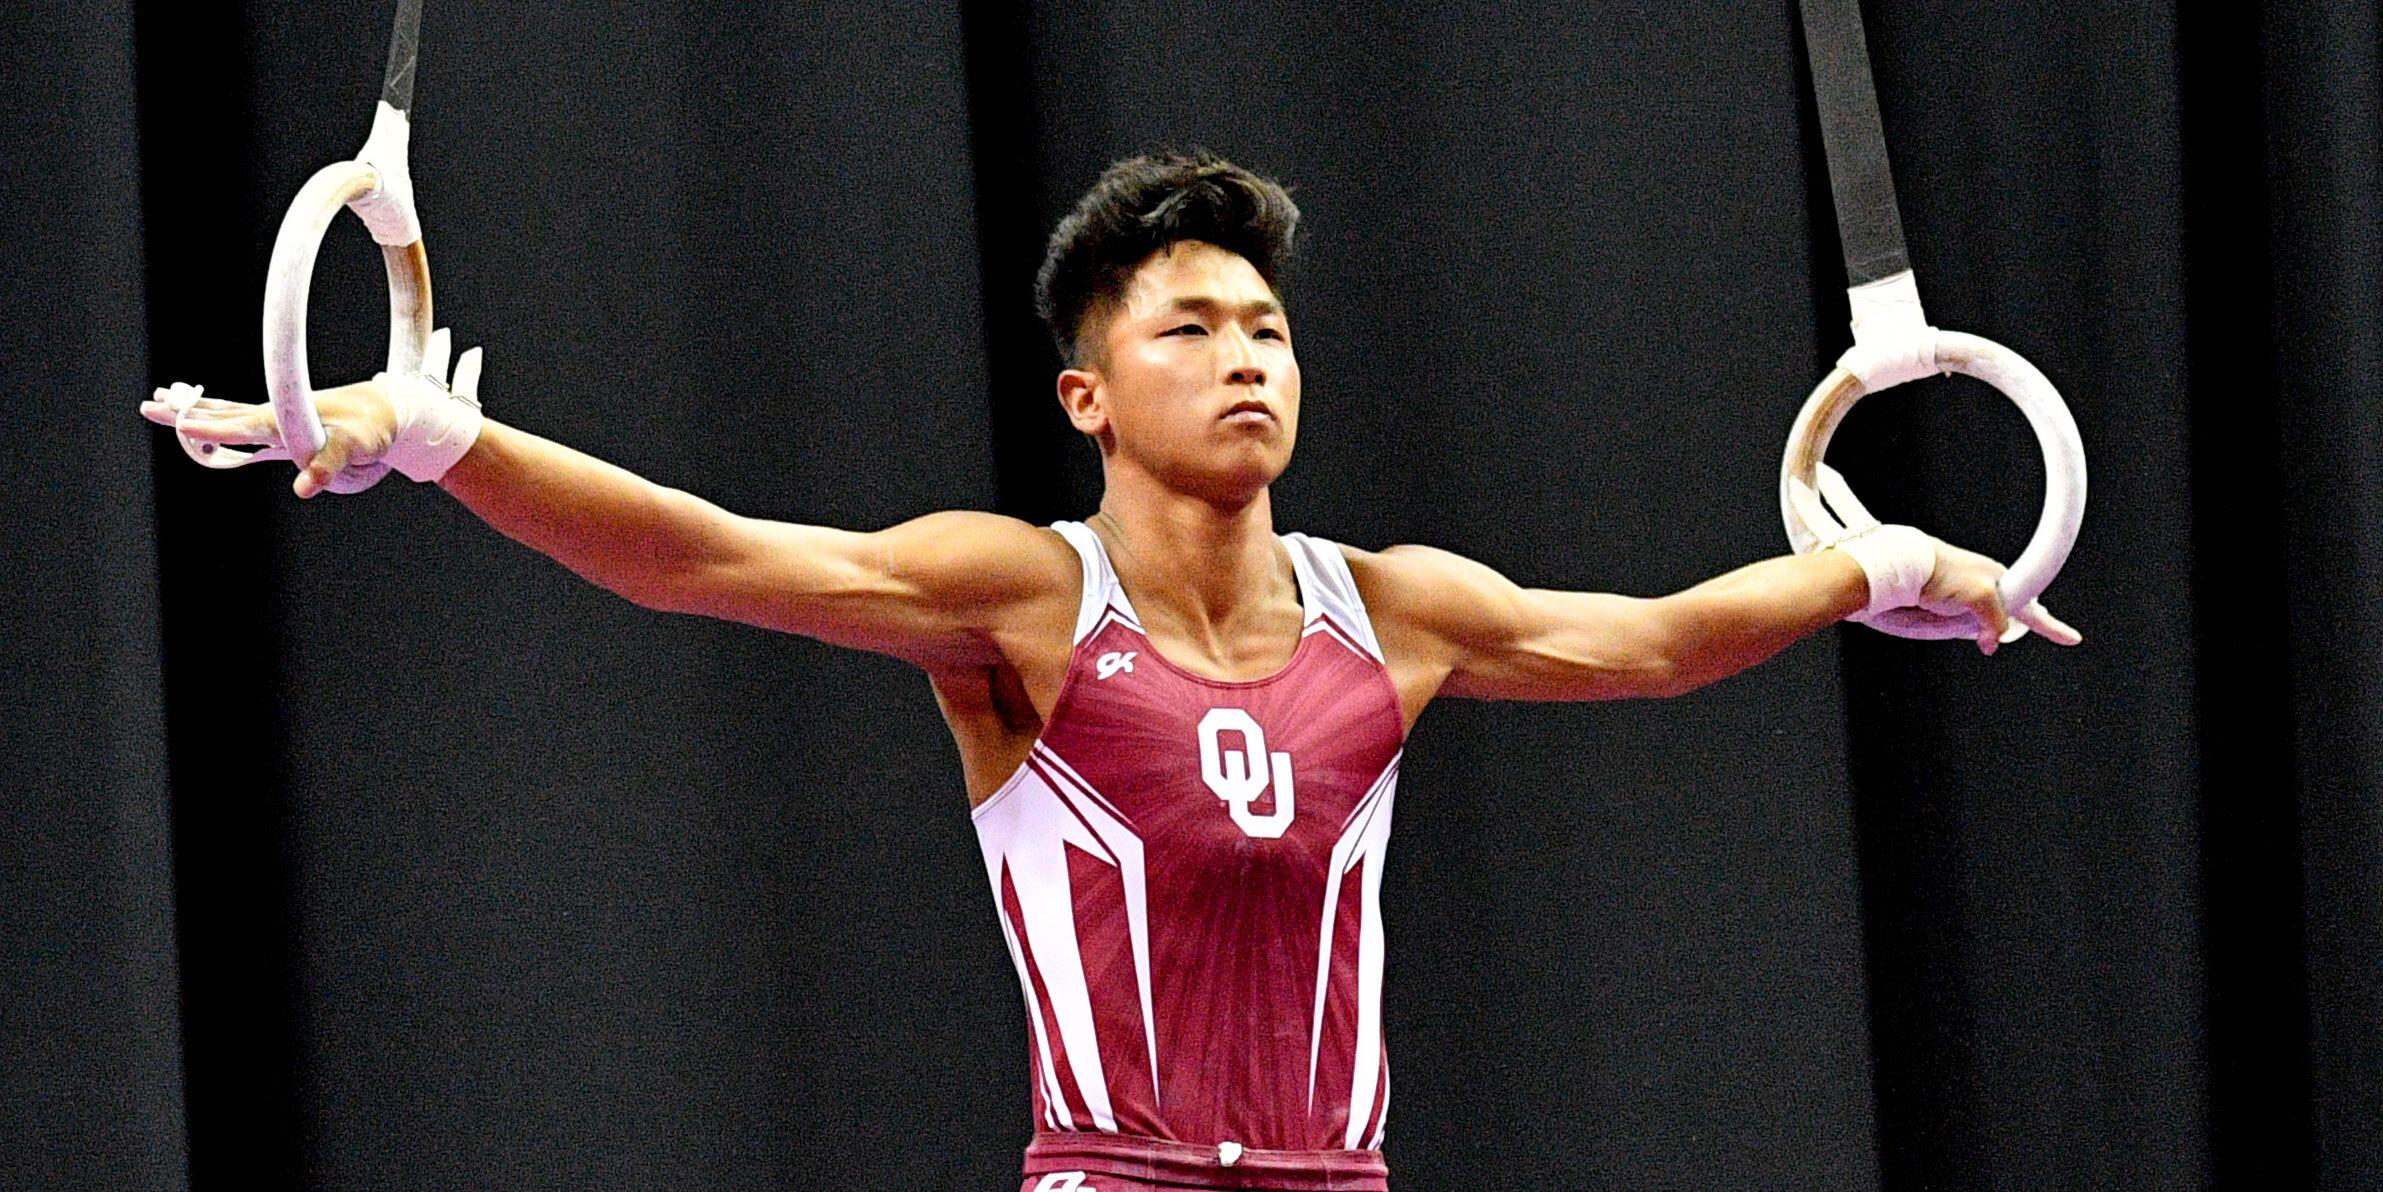 Oklahoma gymnast